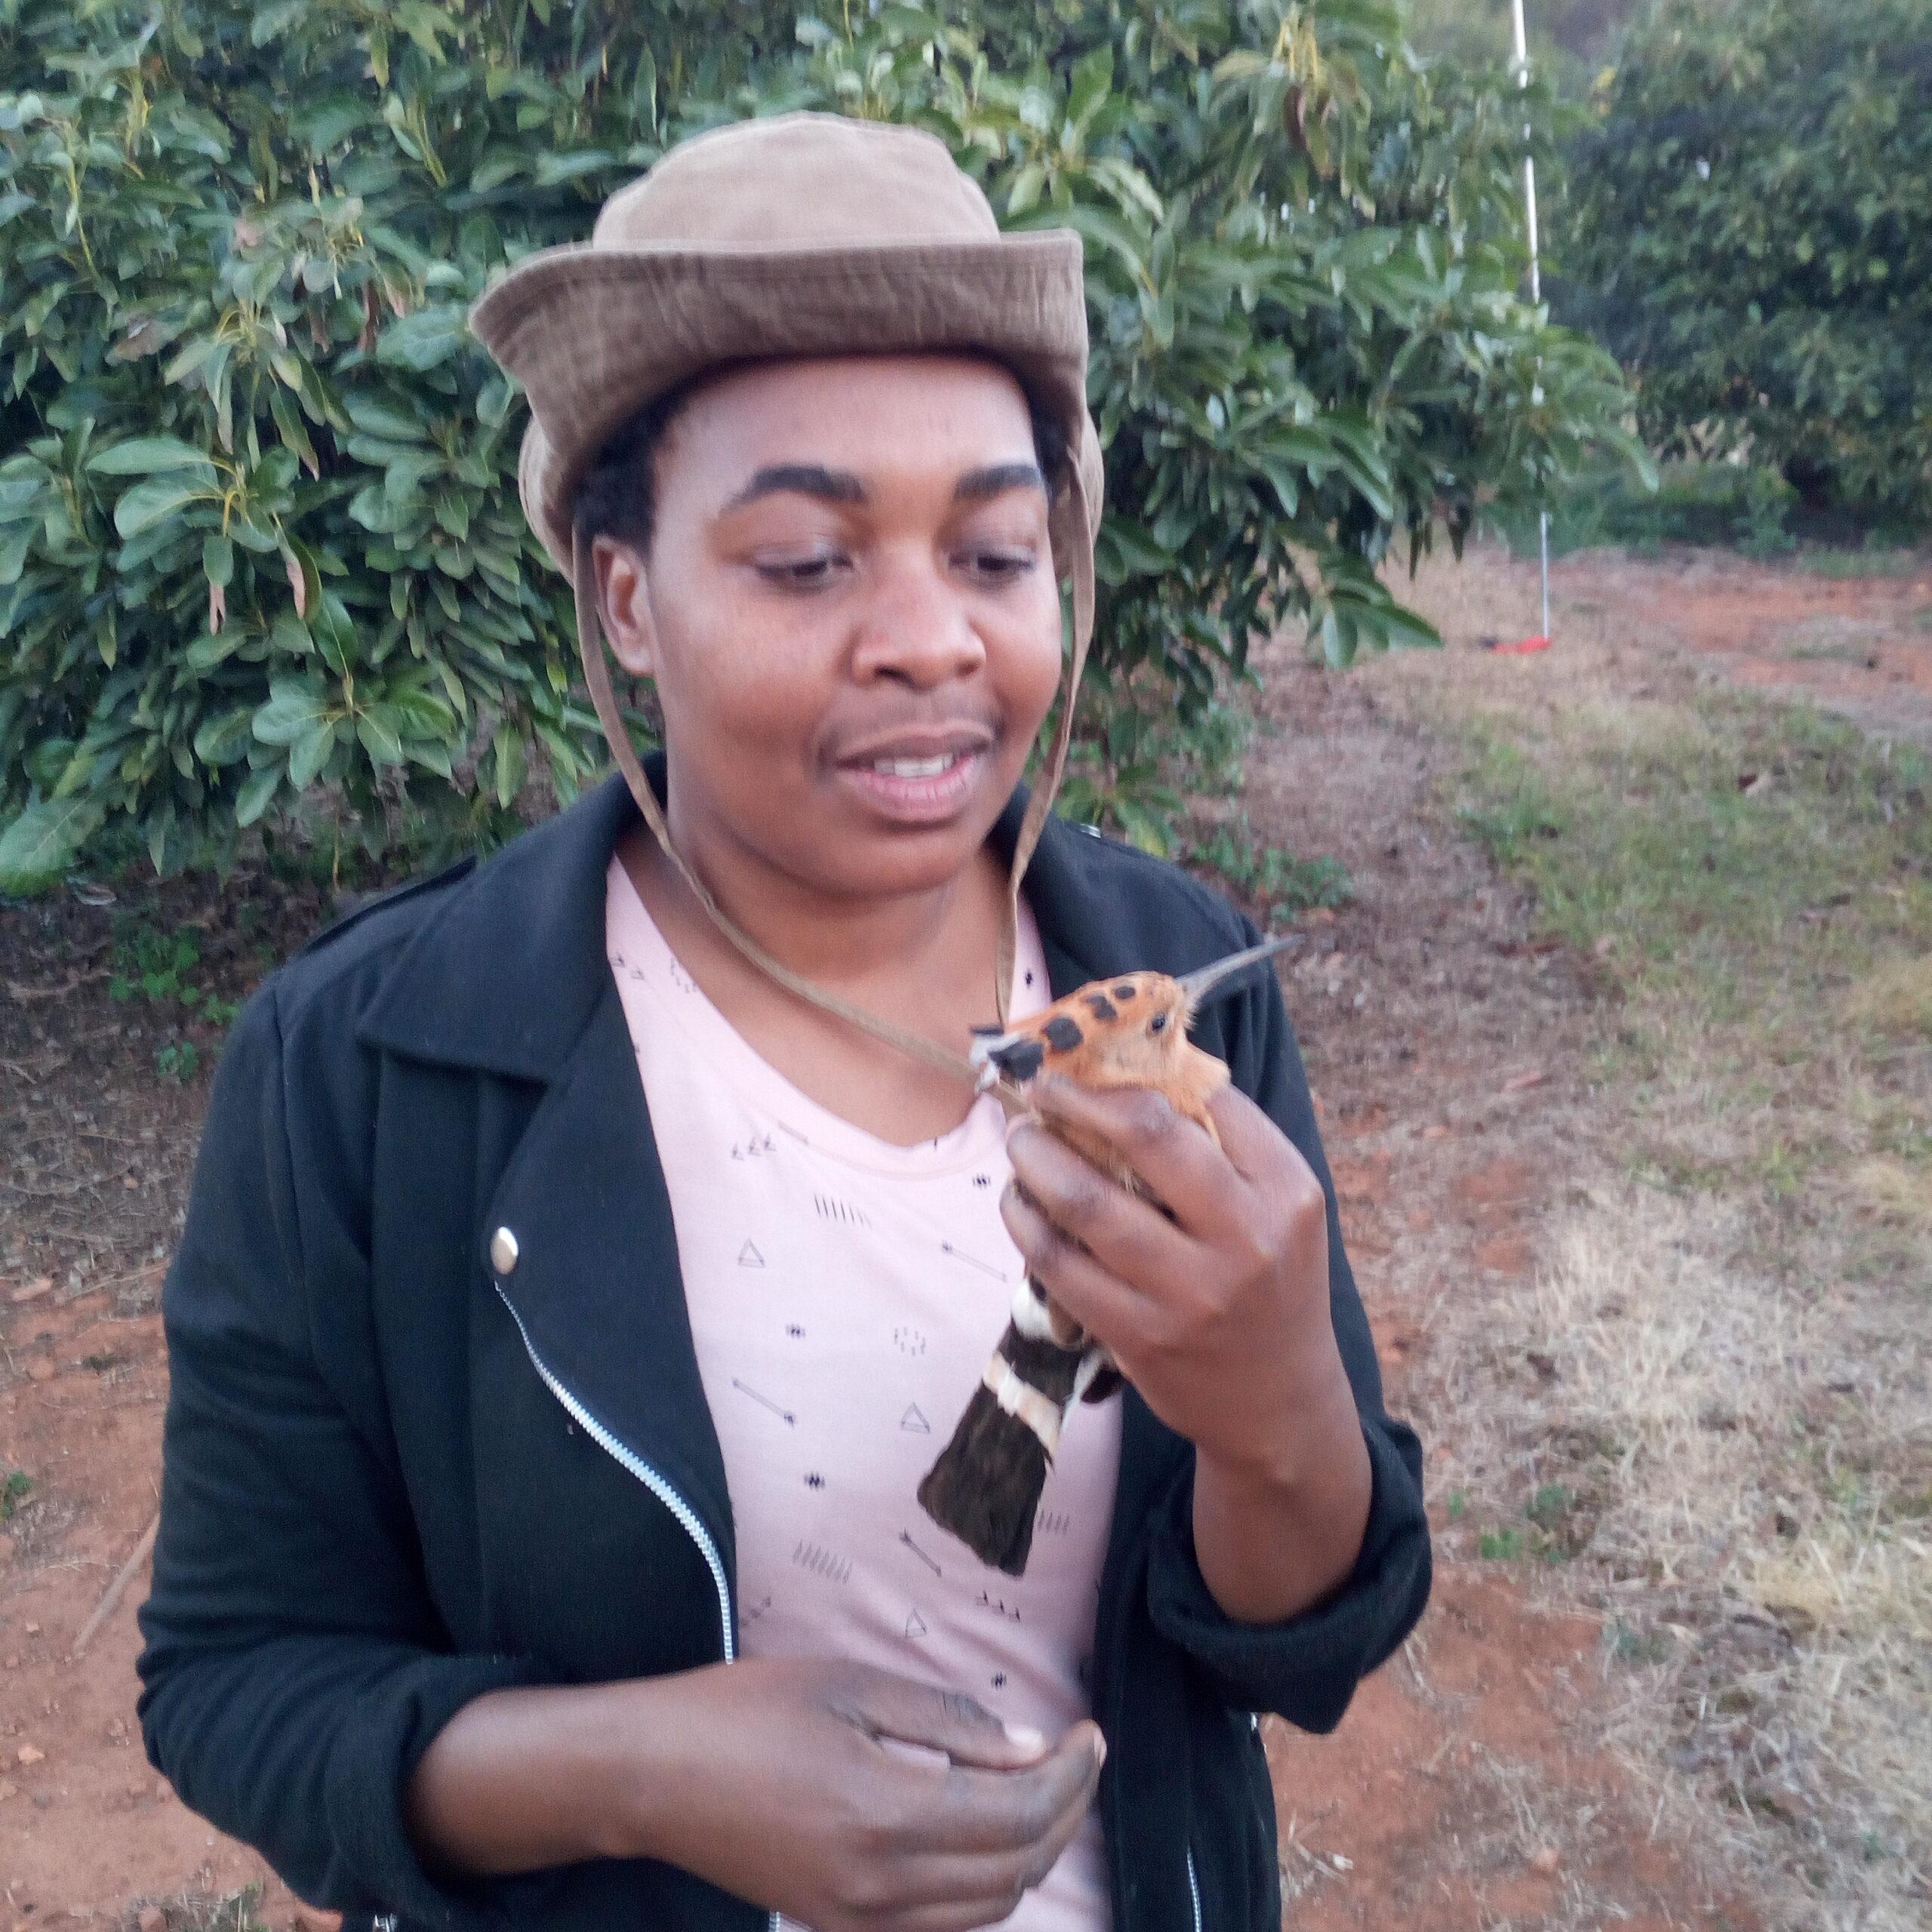 Celiwe Ngcamphalala